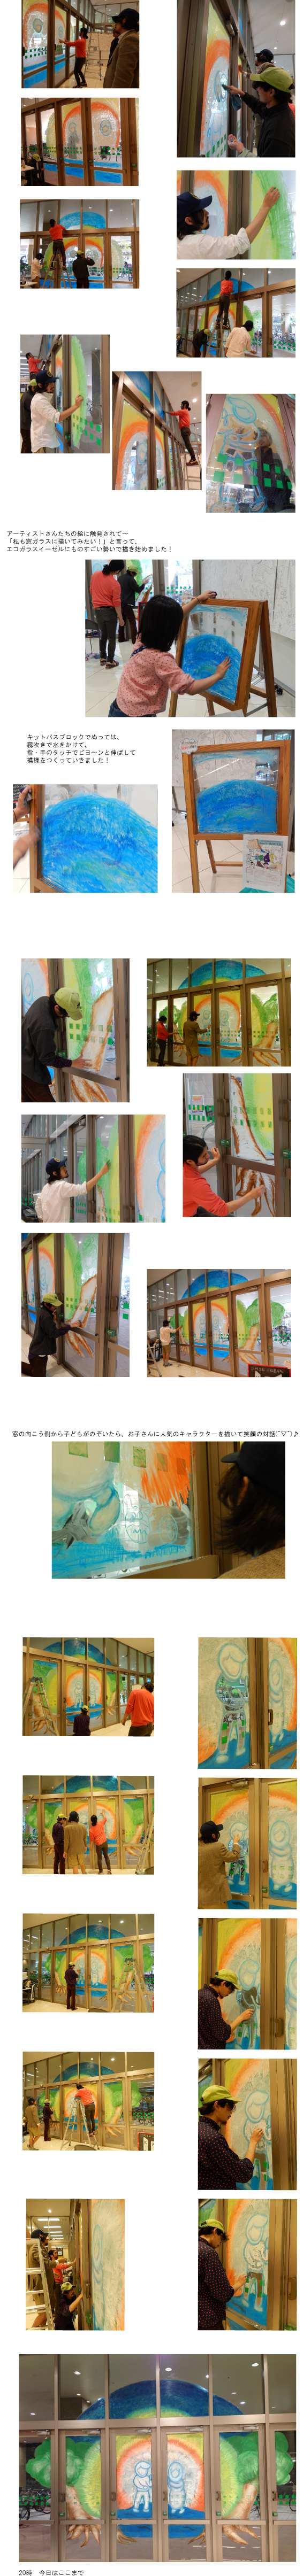 武蔵野美術大学アーティストユニット「三枚看板」ウインドーギャラリー第1弾「ヒューマン・ユニティ」@サミットストア成城店(2013年5月3〜5日)